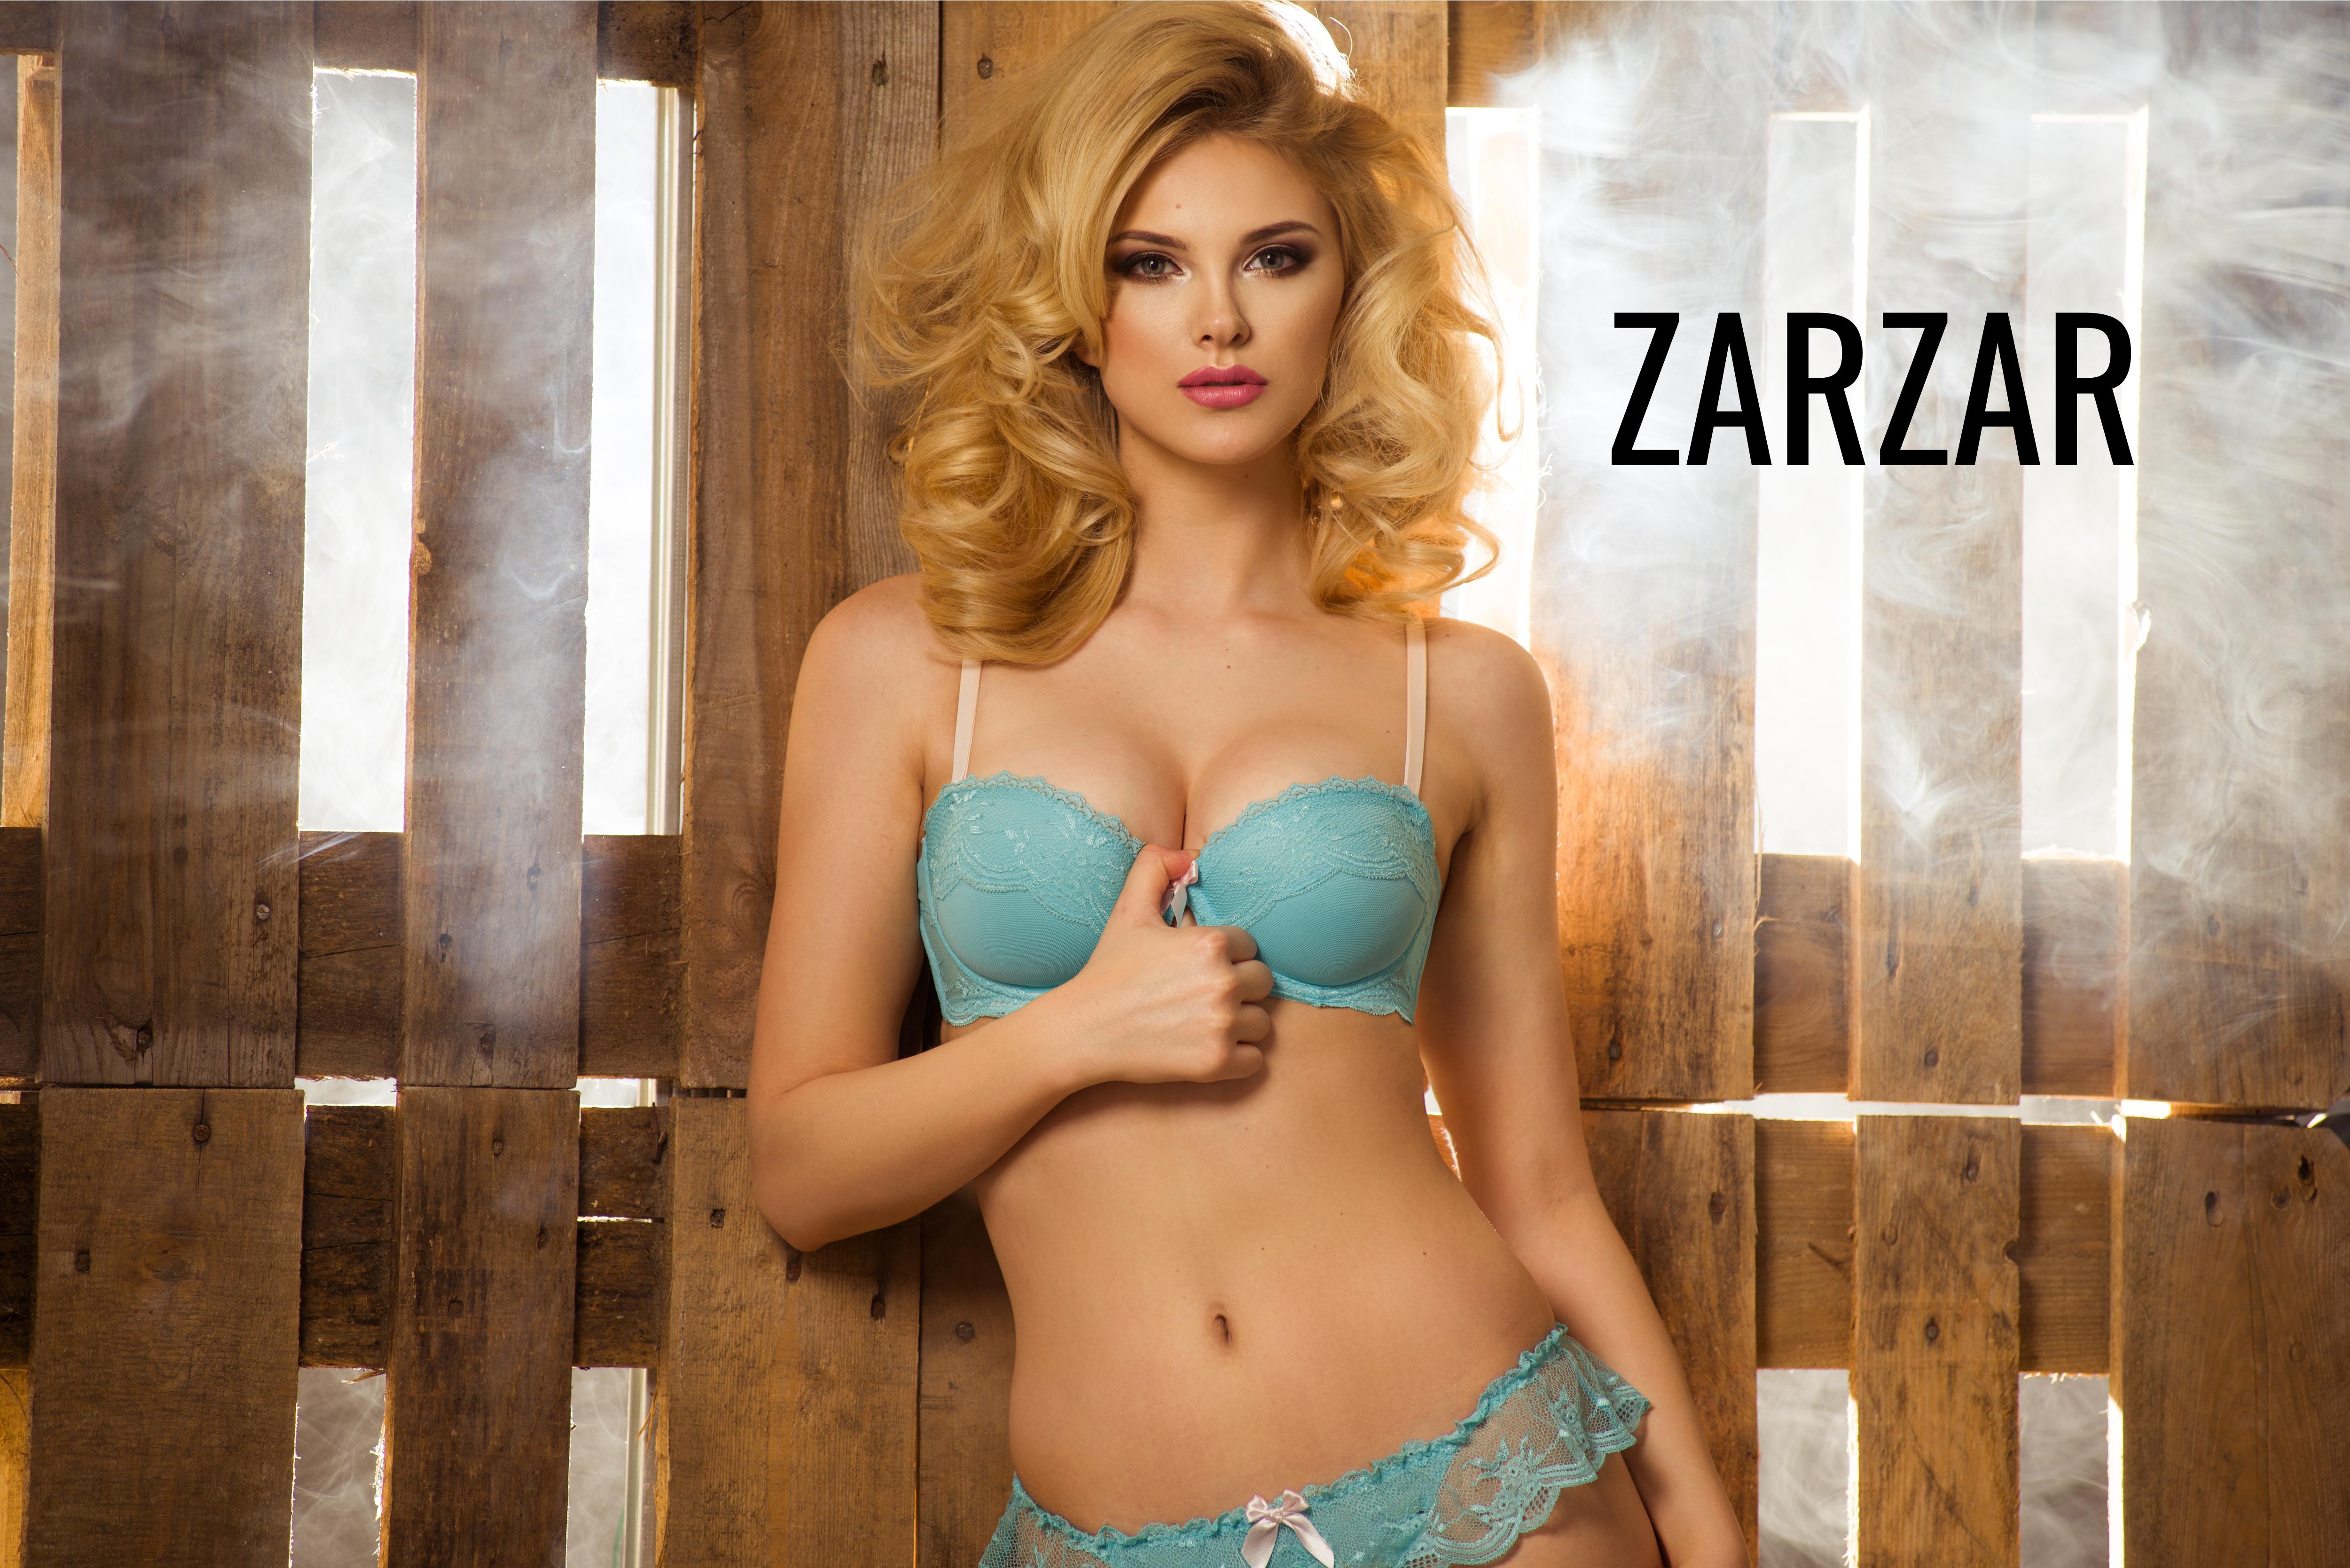 ZARZAR FASHION Beautiful Fashion Model Modeling In Sexy Lingerie (Sexy Bras & Beautiful Panties For Women).